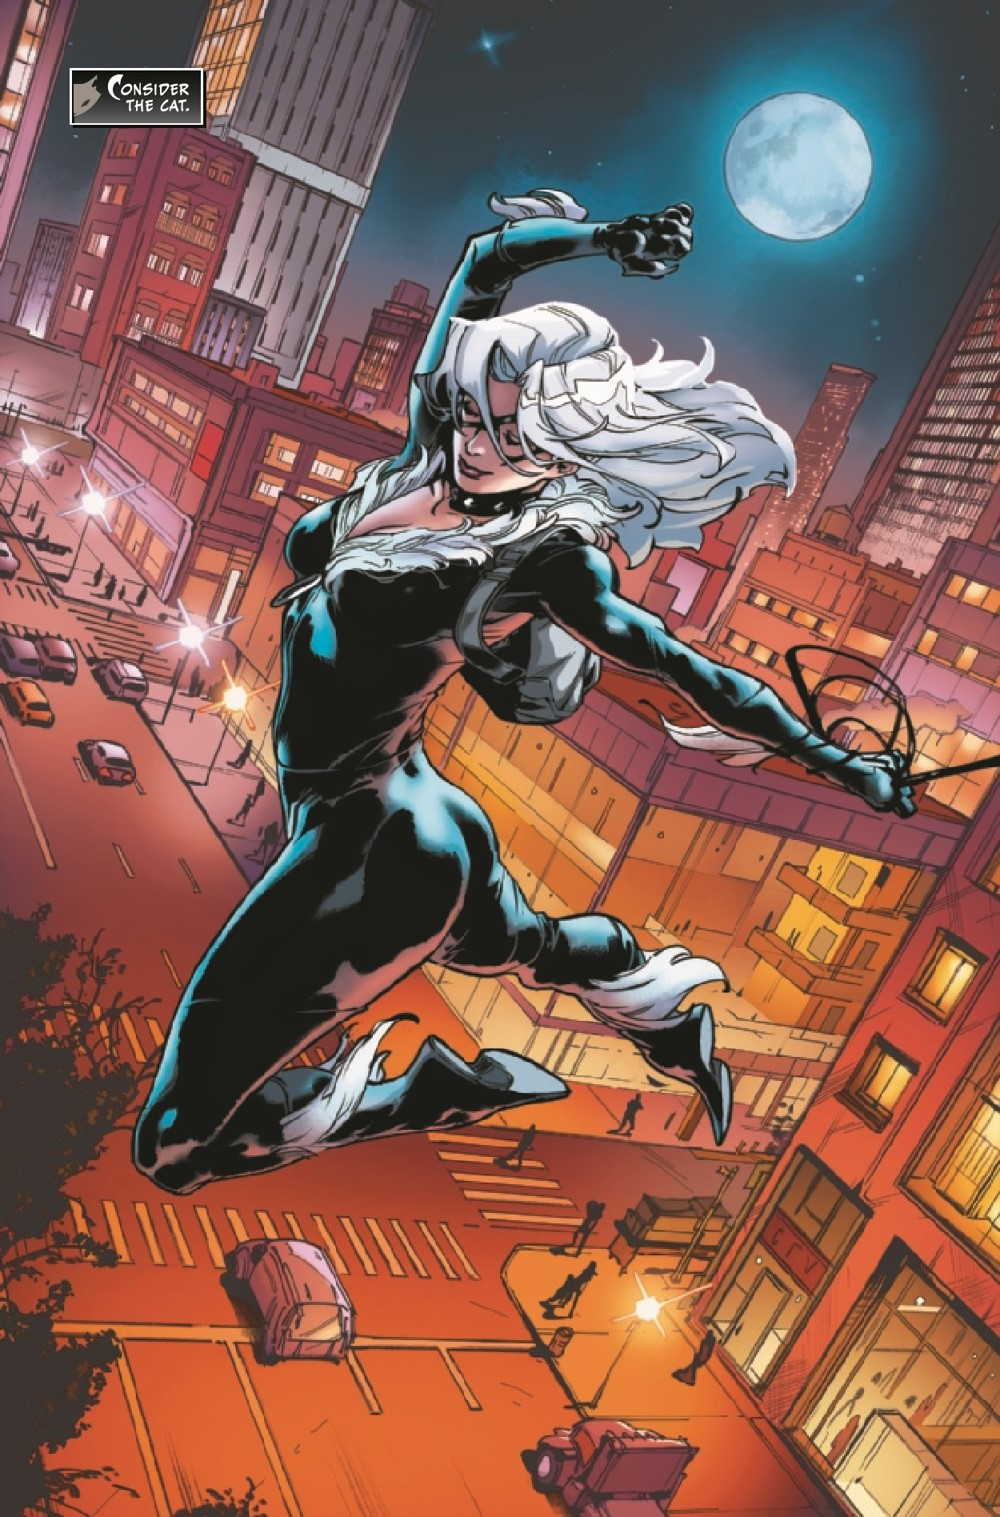 BLACKCAT2020008_Preview-3 ComicList Previews: BLACK CAT #8